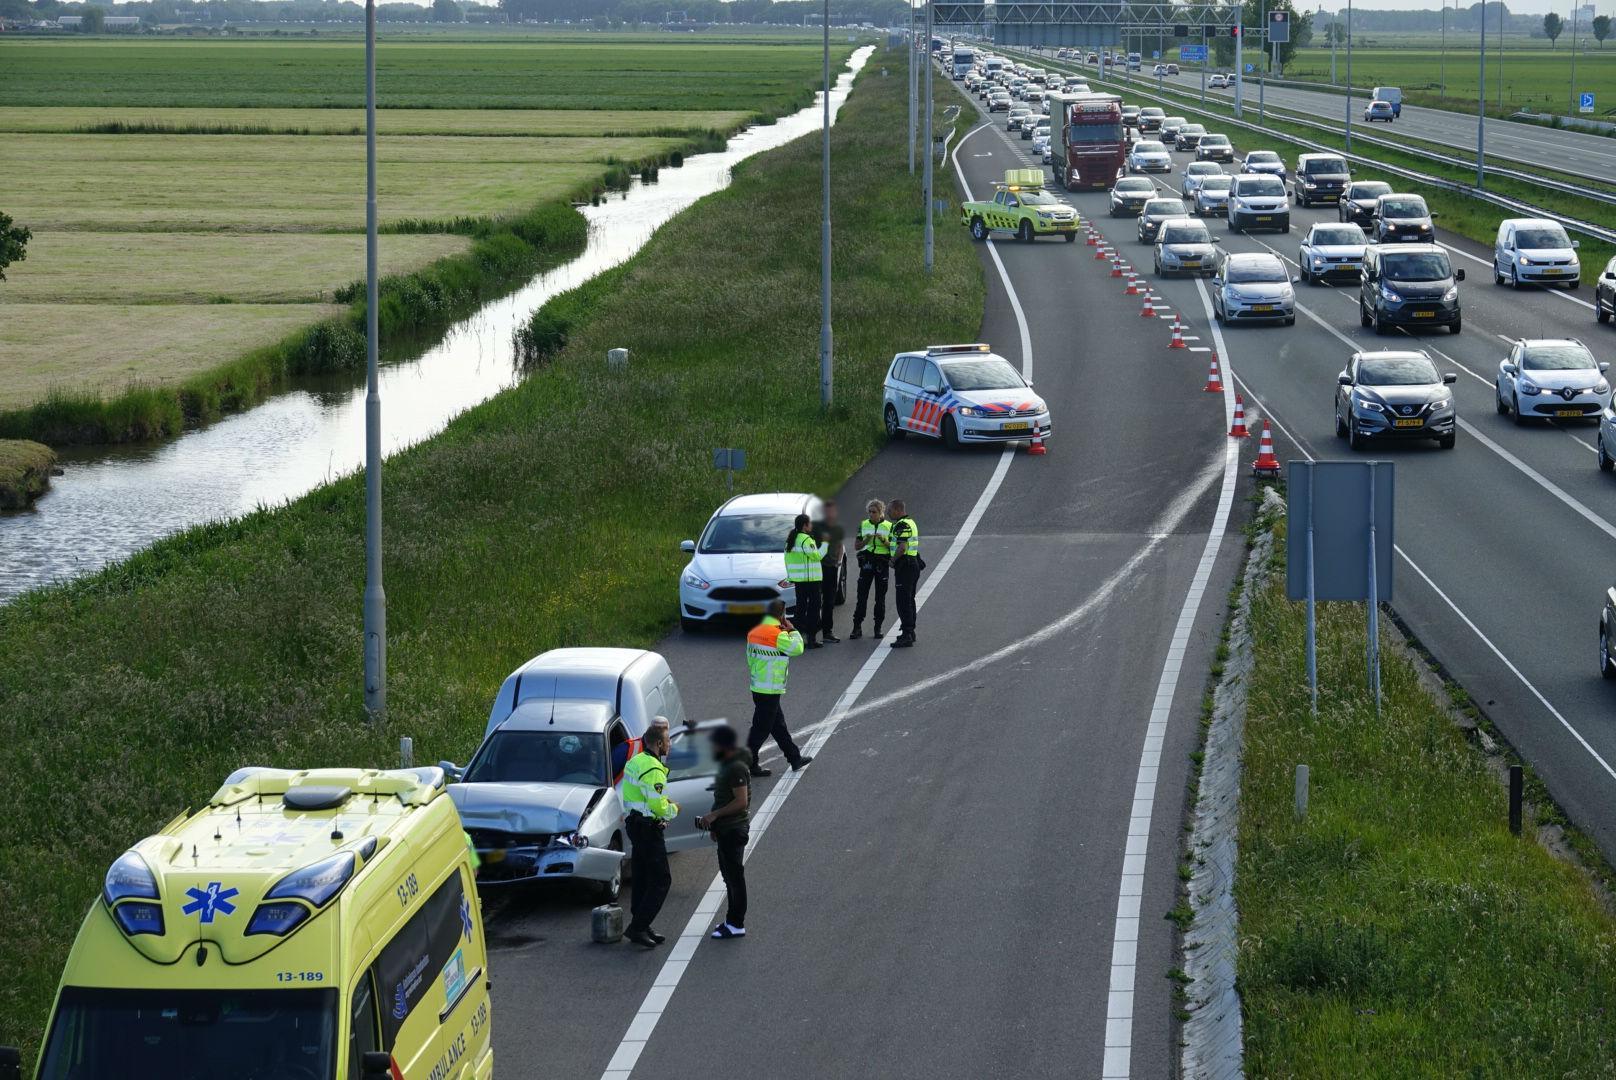 Gewonde bij aanrijding op de A7 bij Wijdewormer, auto laat oliespoor achter